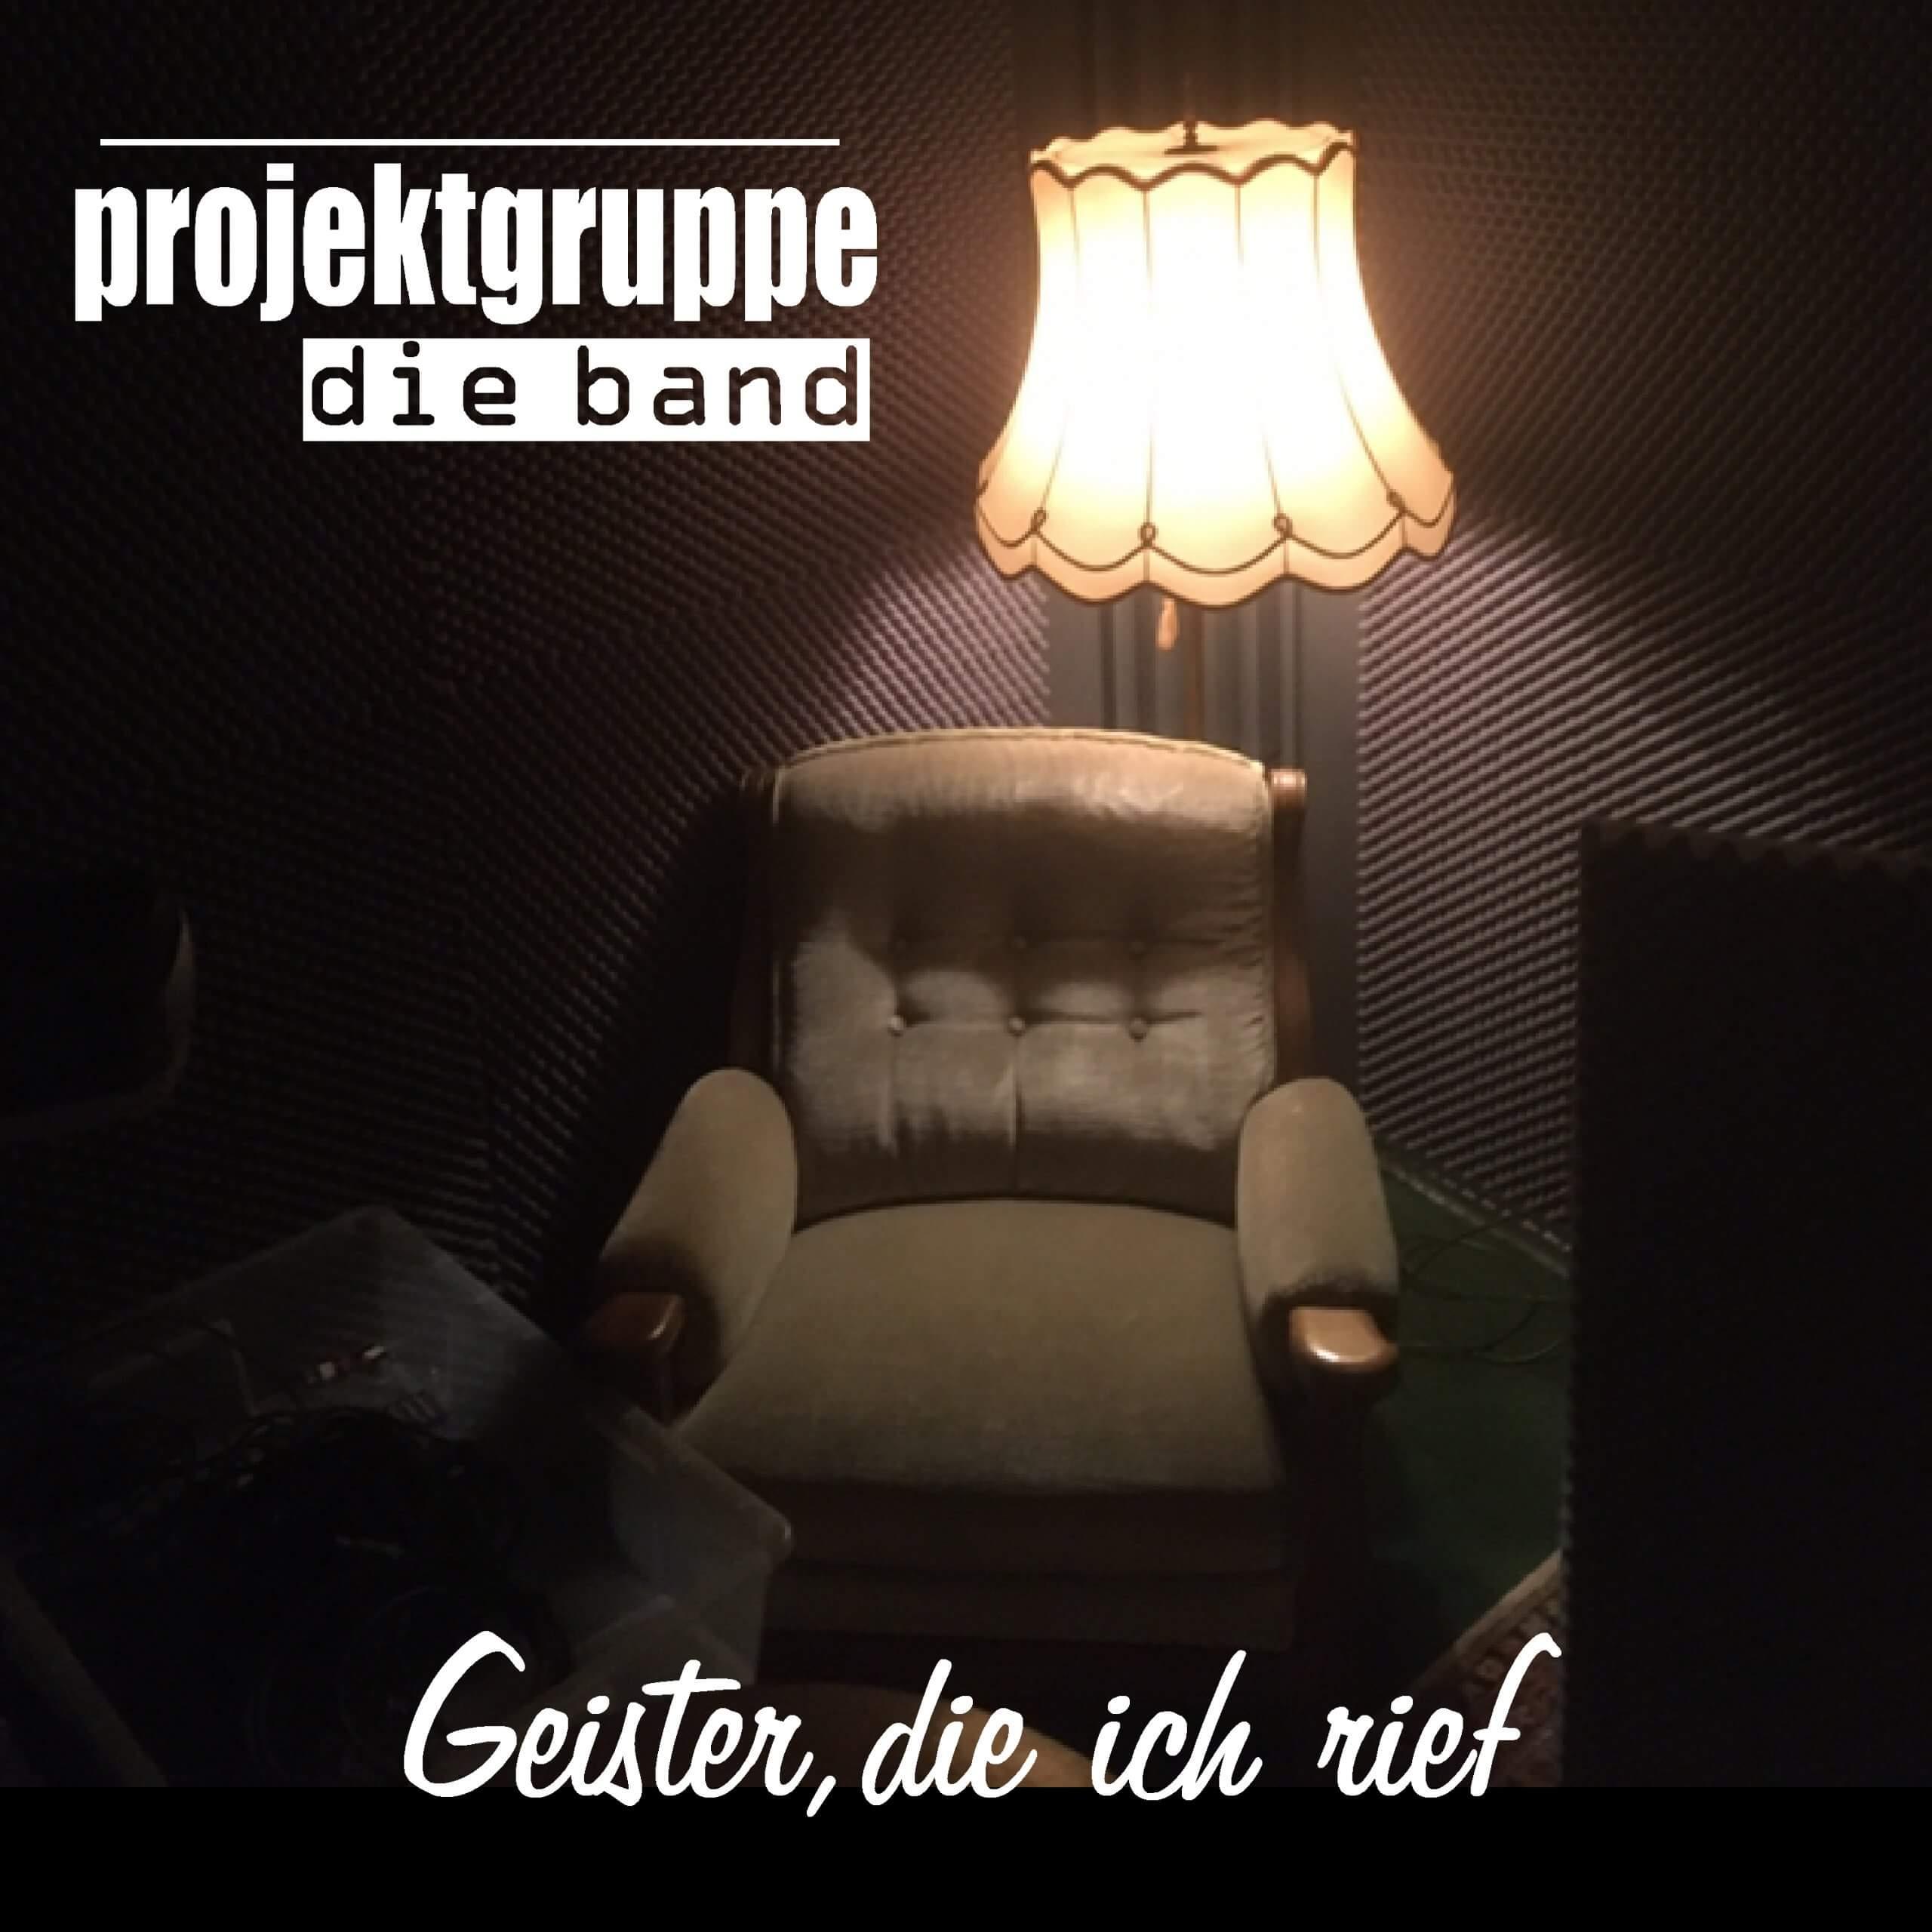 Madeleine | projektgruppe die band